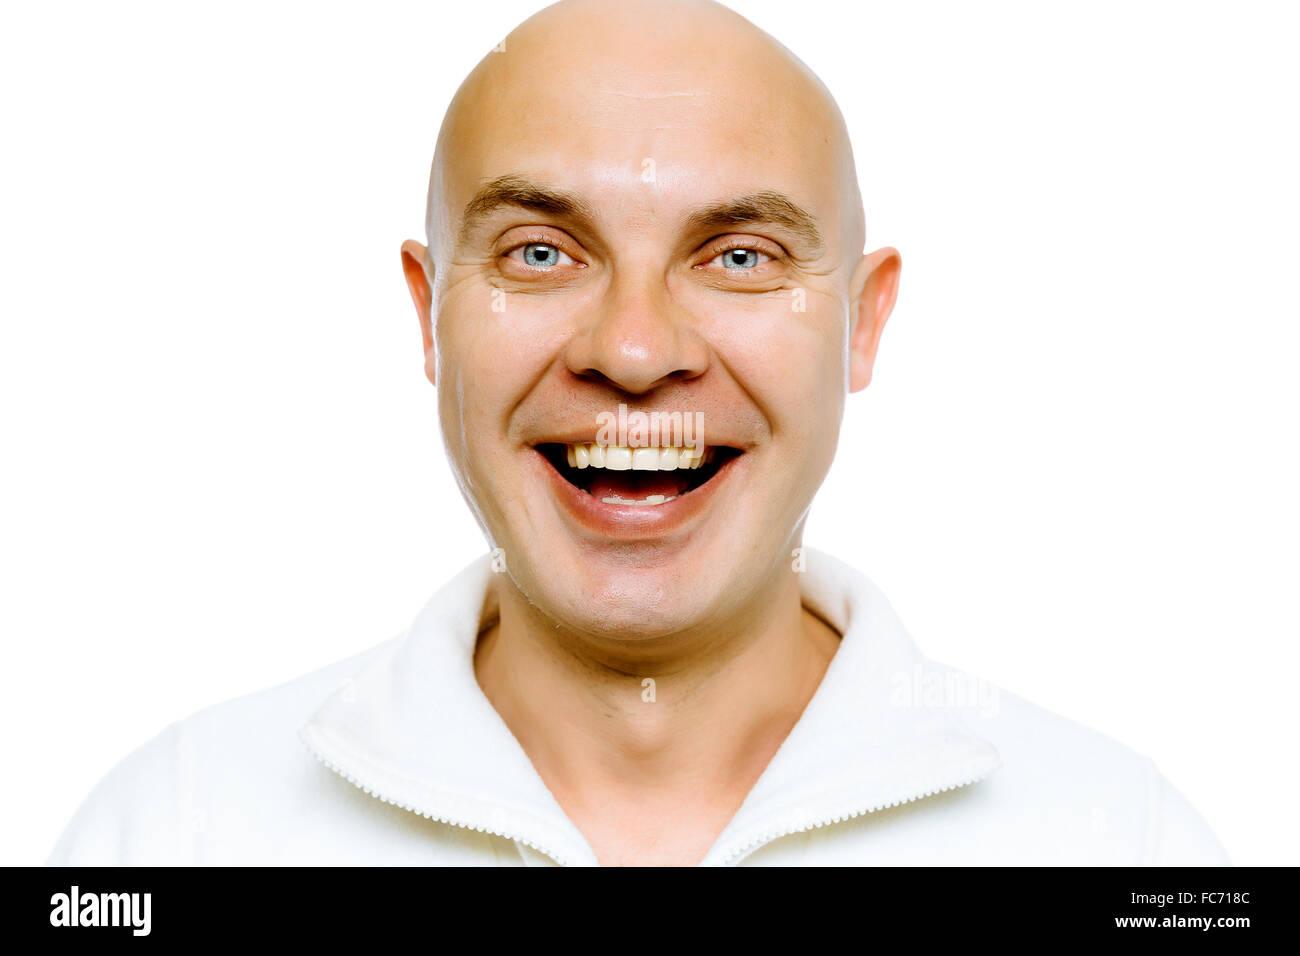 Bald smiling blue-eyed man. Studio. isolated - Stock Image